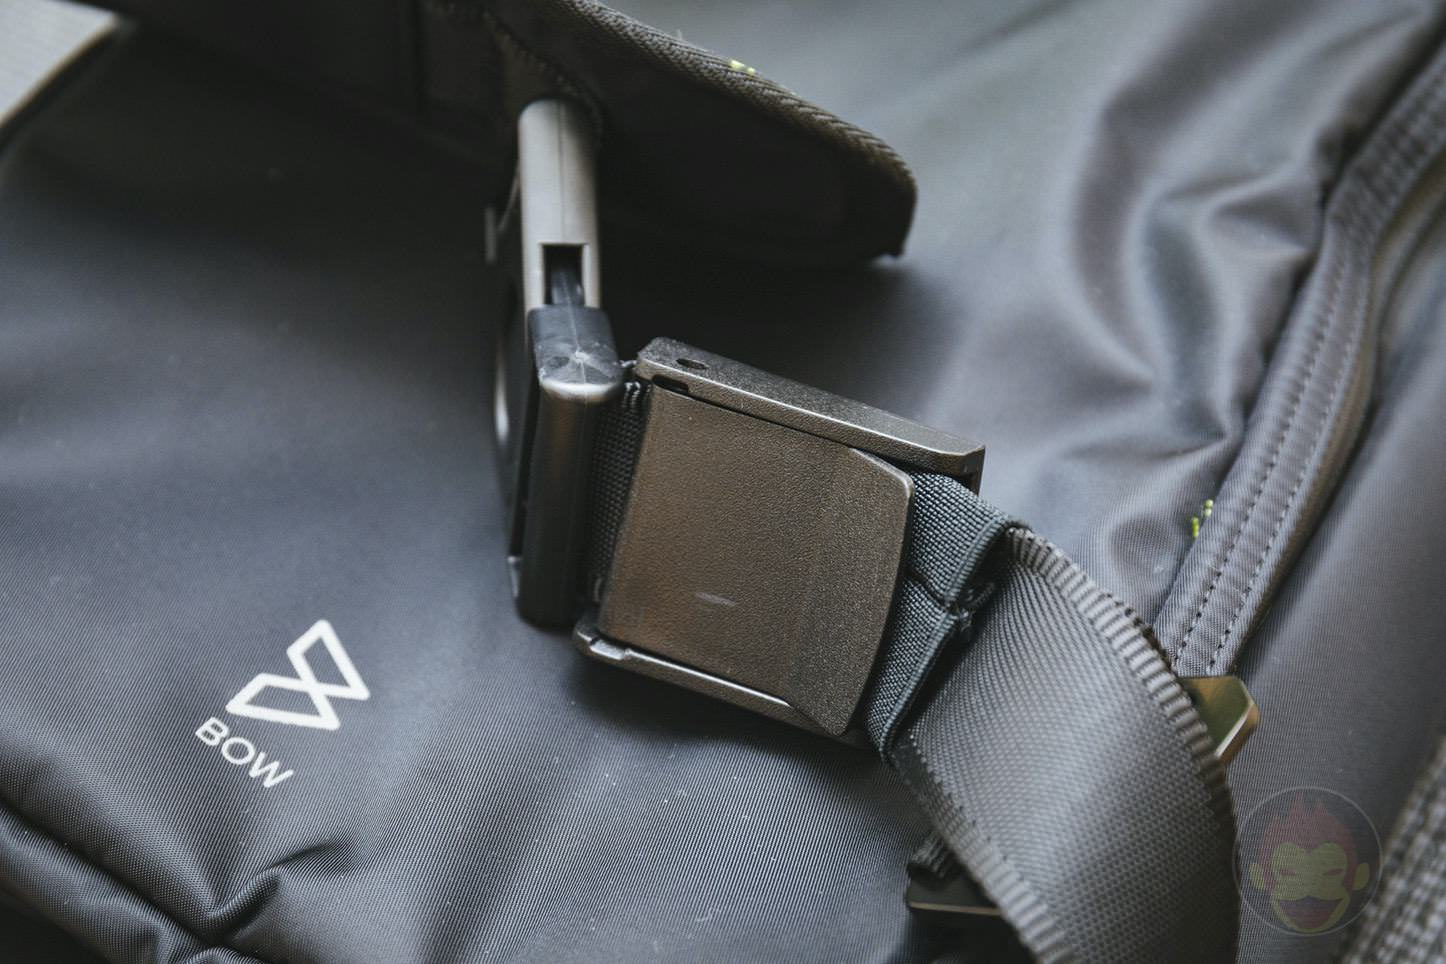 Quiver-Gym-Splashproof-Shoulder-Bag-27.jpg